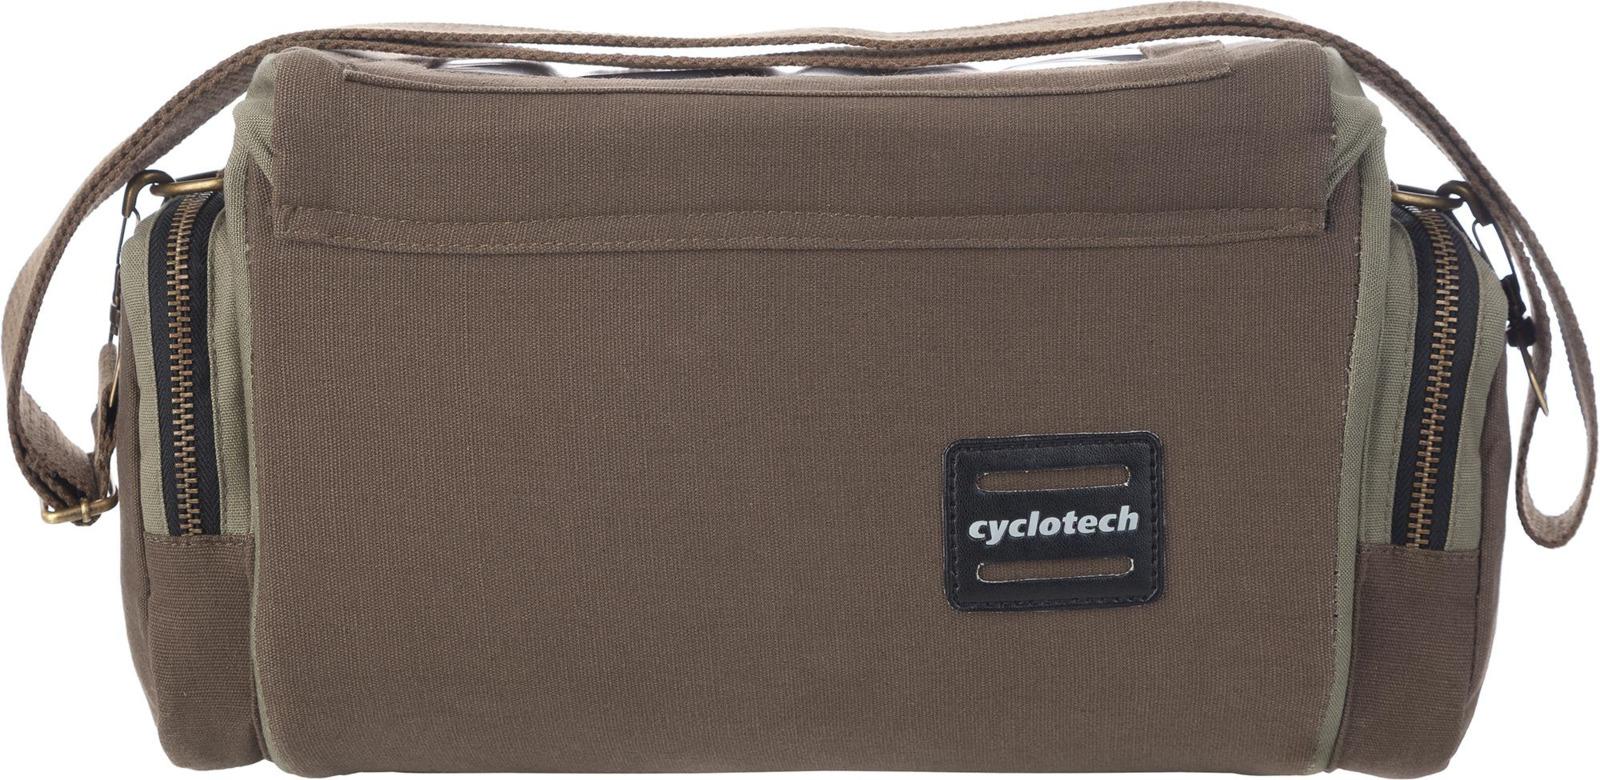 Сумка на велосипед Cyclotech CYC-28 Bicycle Bag, бежевый, коричневый